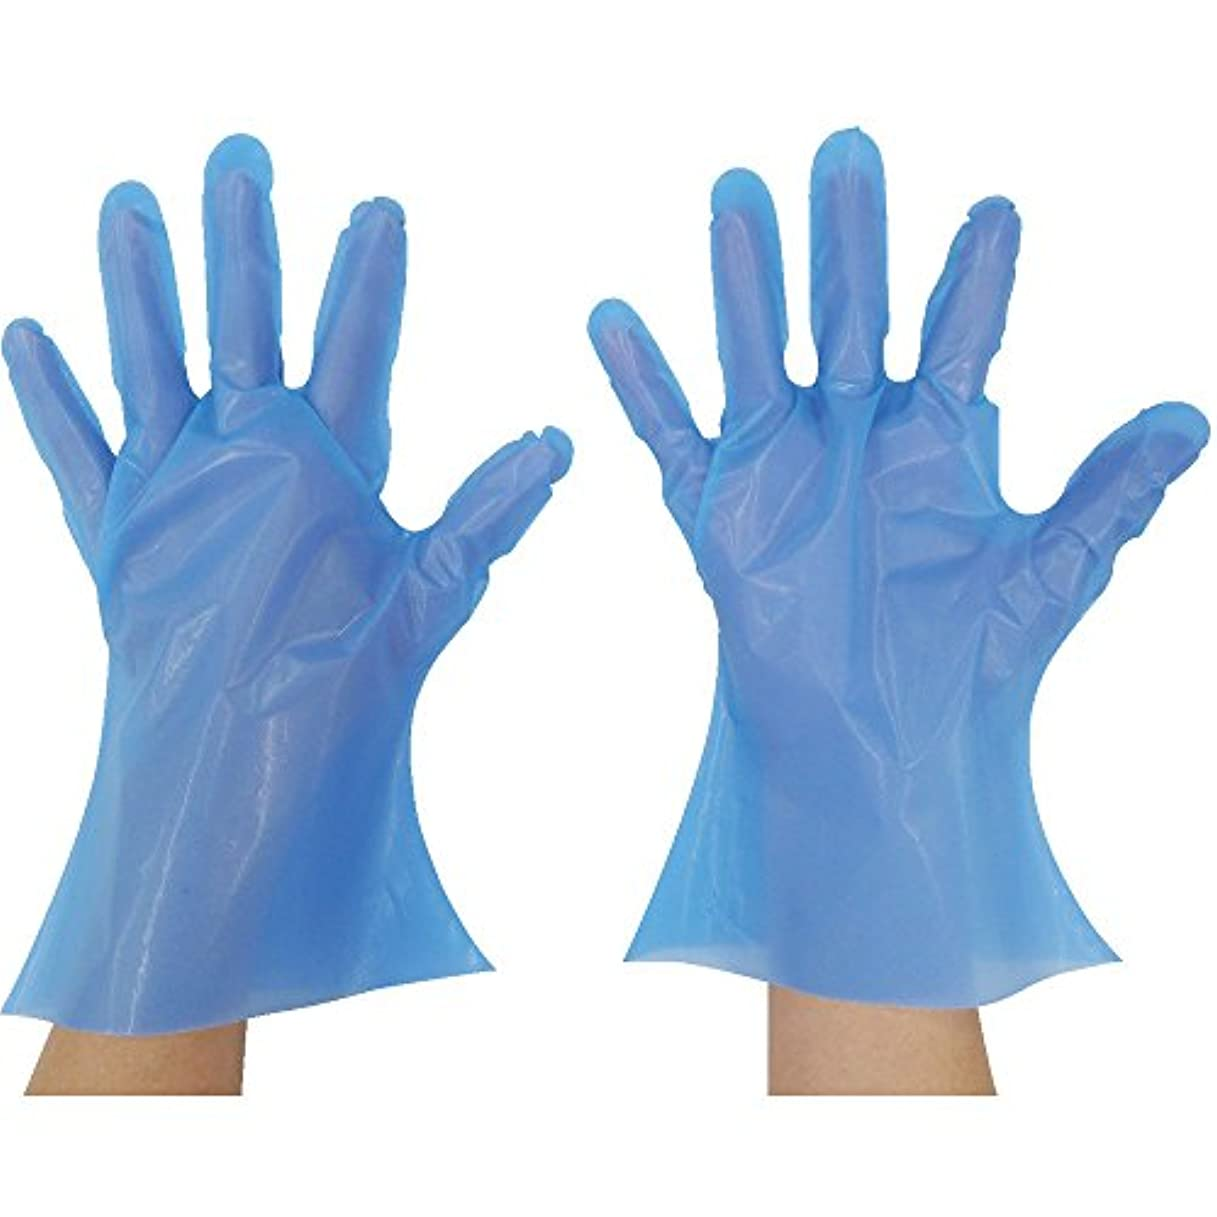 宿題をする完璧な倫理東京パック マイジャストニトポリグローブ SS ブルー NP-SS ポリエチレン使い捨て手袋